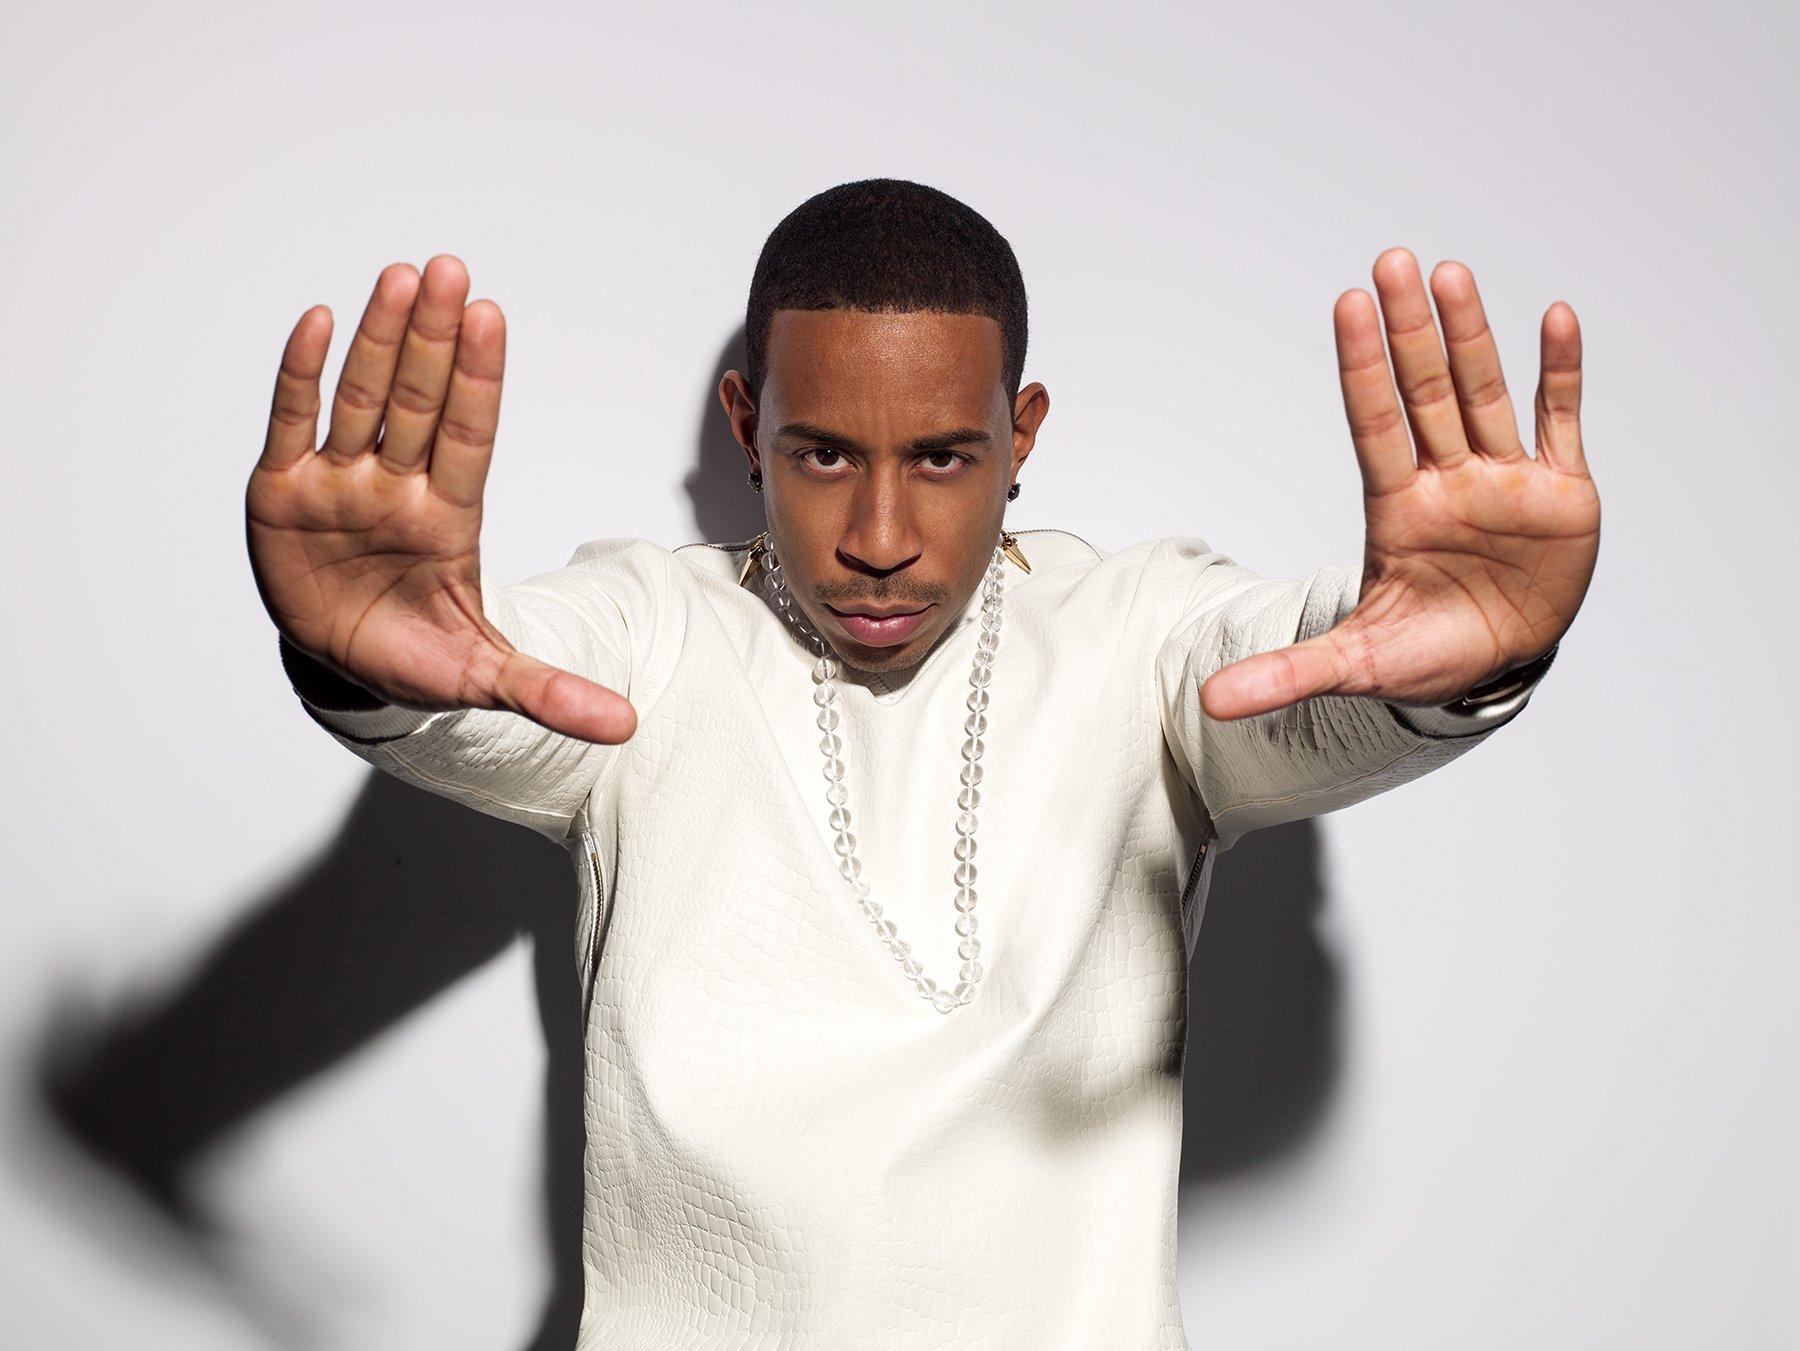 Happy 40th birthday to Ludacris!